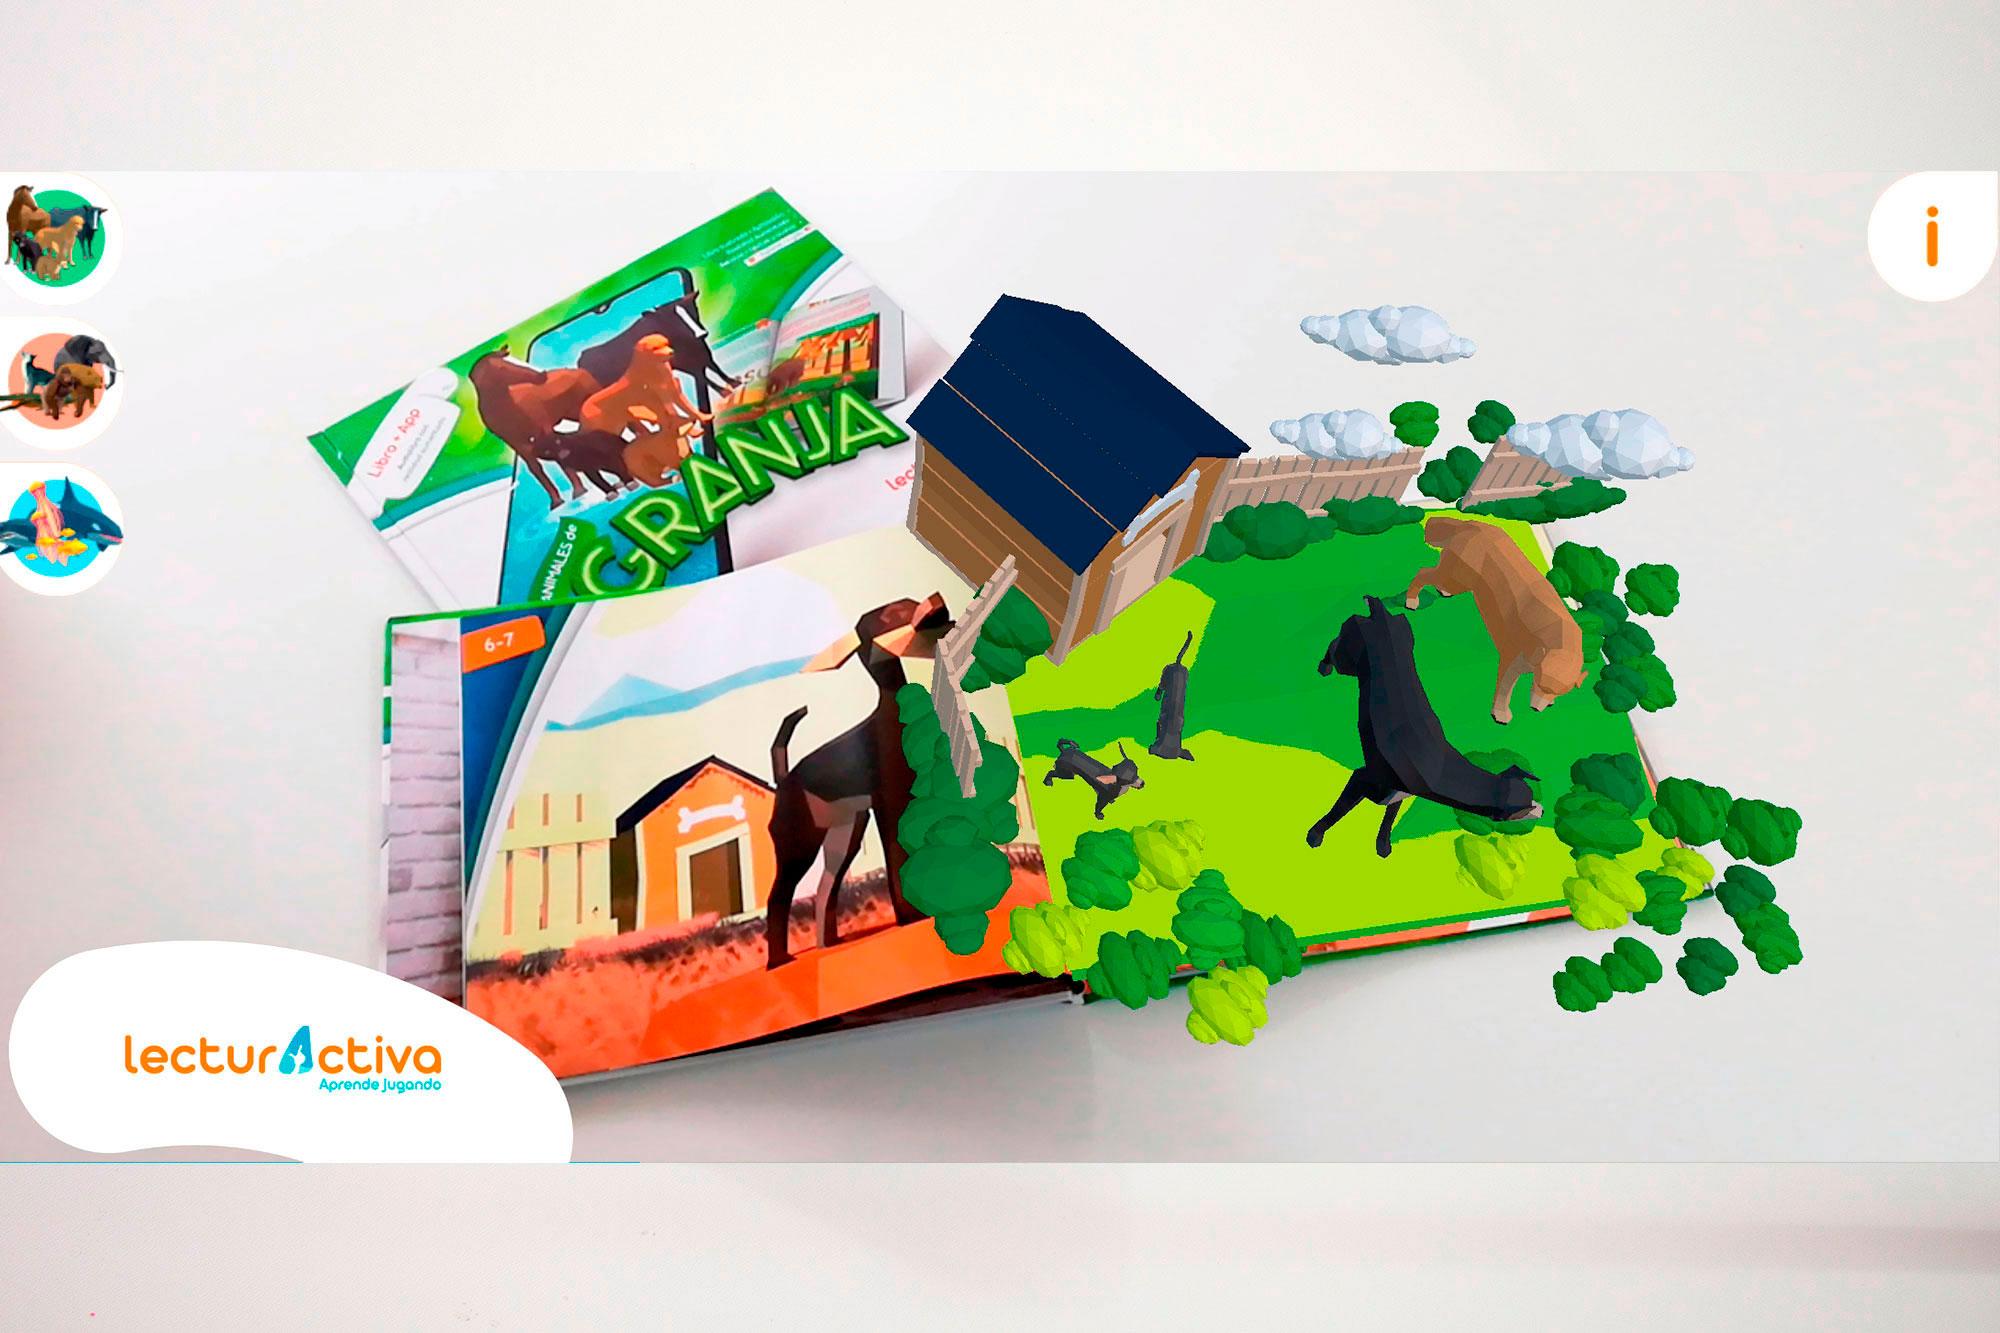 libros-interactivos-bilingues-para-niños-y-jovenes-18